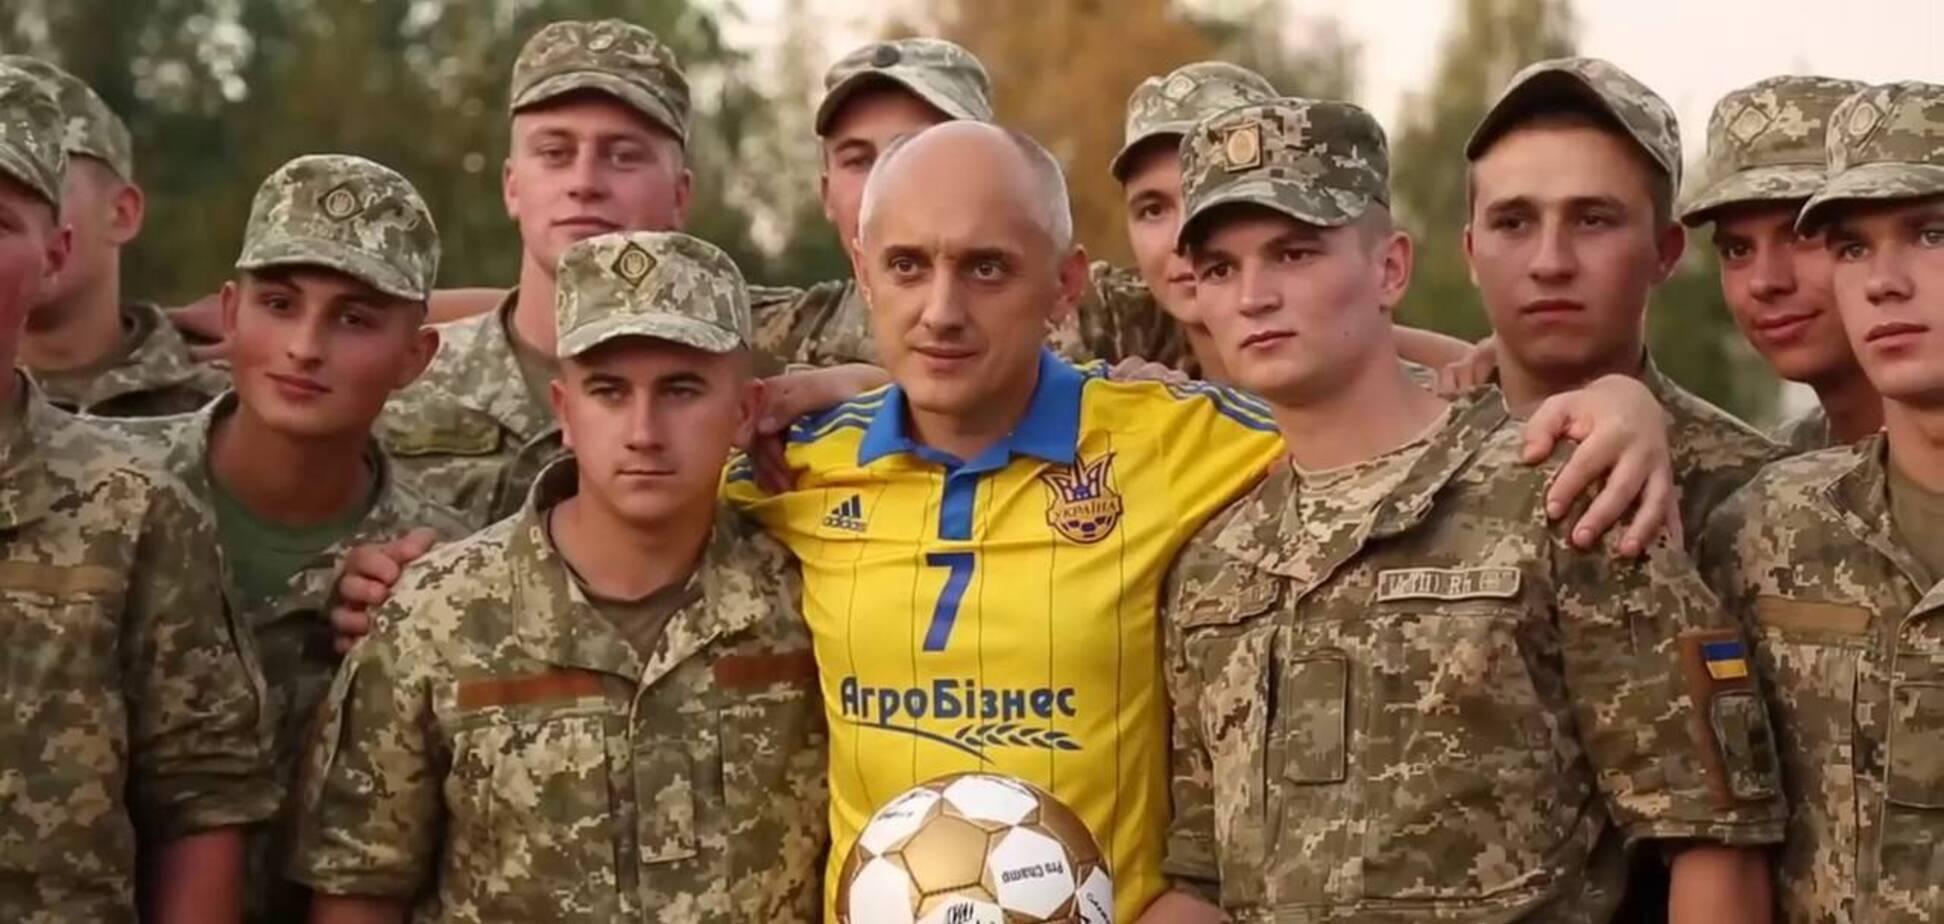 Усунутий від футболу президент клубу Першої ліги (на фото по центру) спровокував бійку після матчу